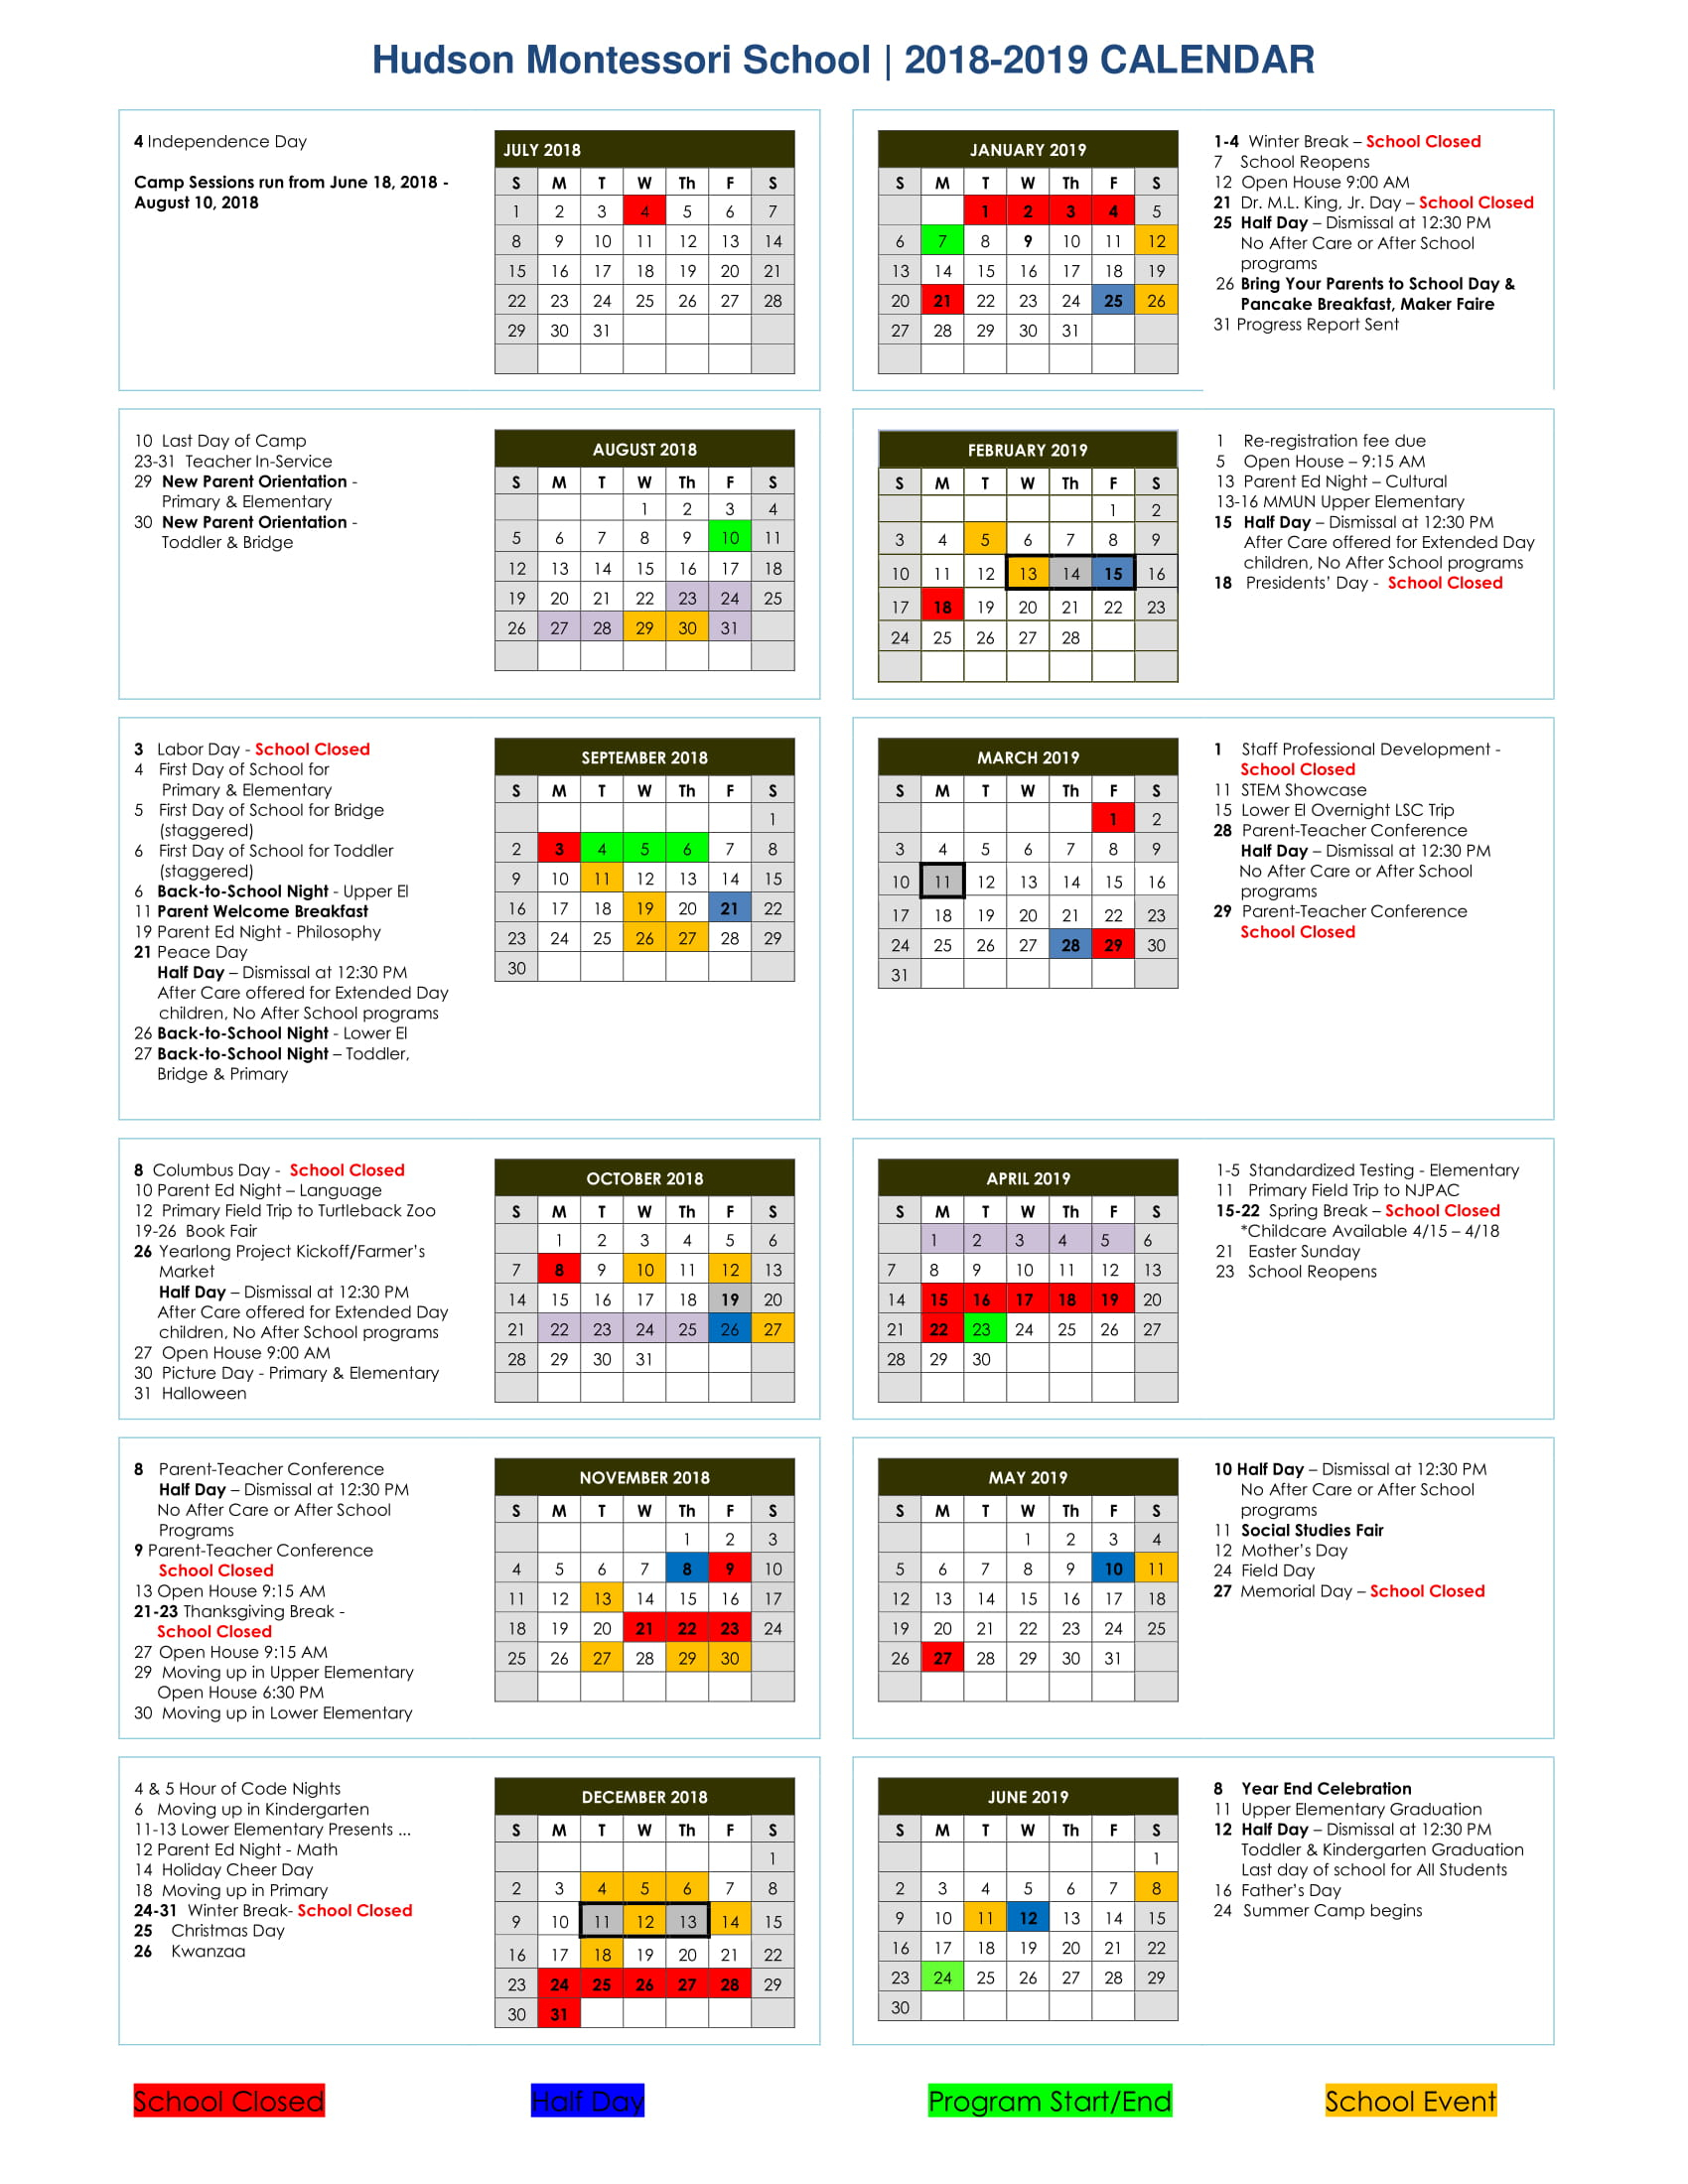 Calendar 2018 2019   In New Canaan School Calendar